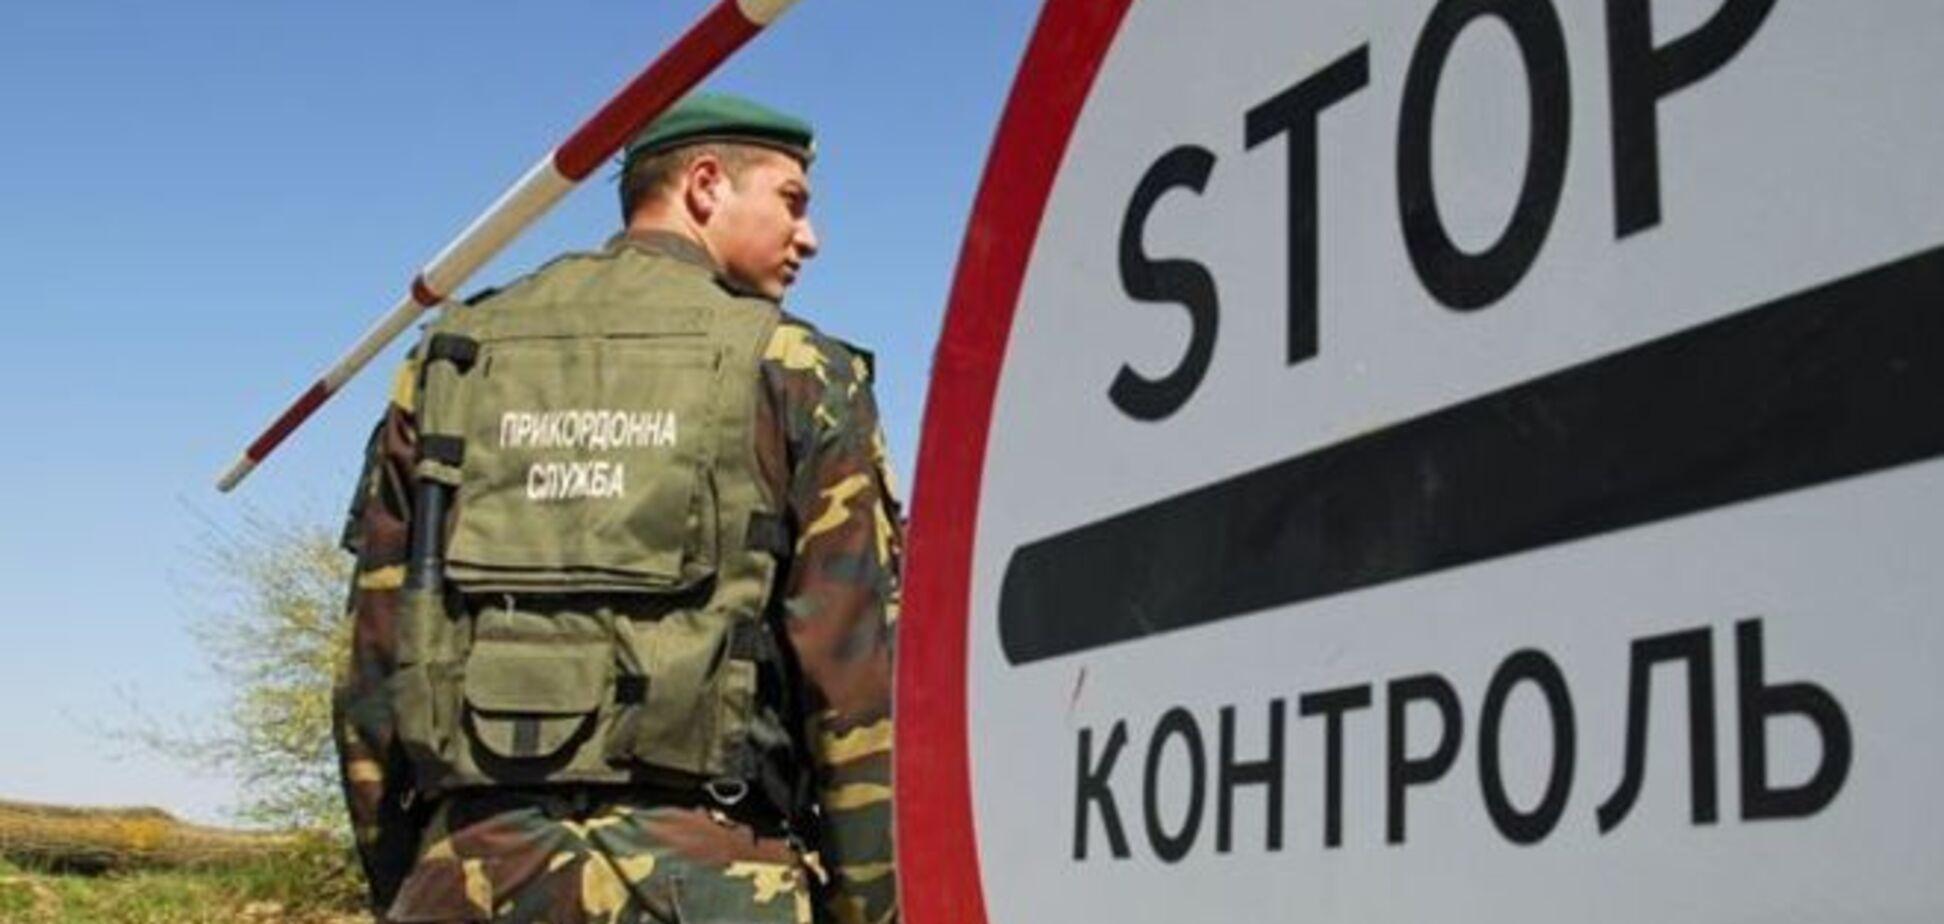 Местные жители сдают террористам месторасположение сил АТО